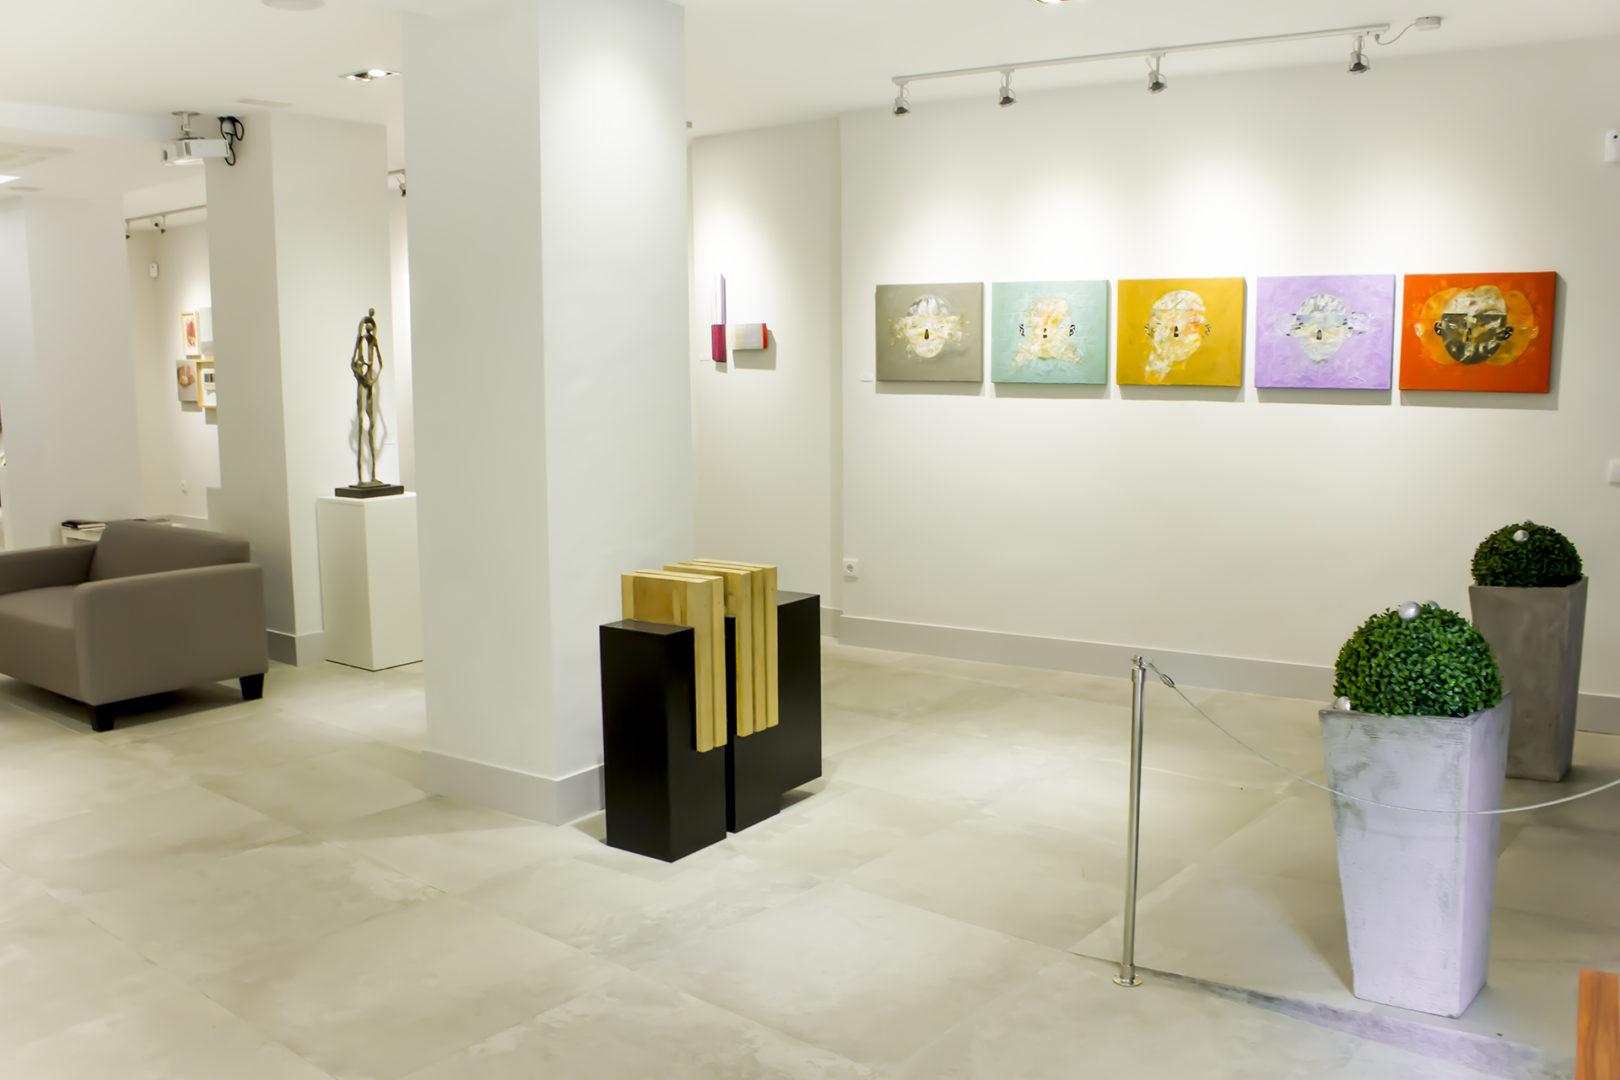 Galeria de arte valencia - Galerias de arte en valencia ...